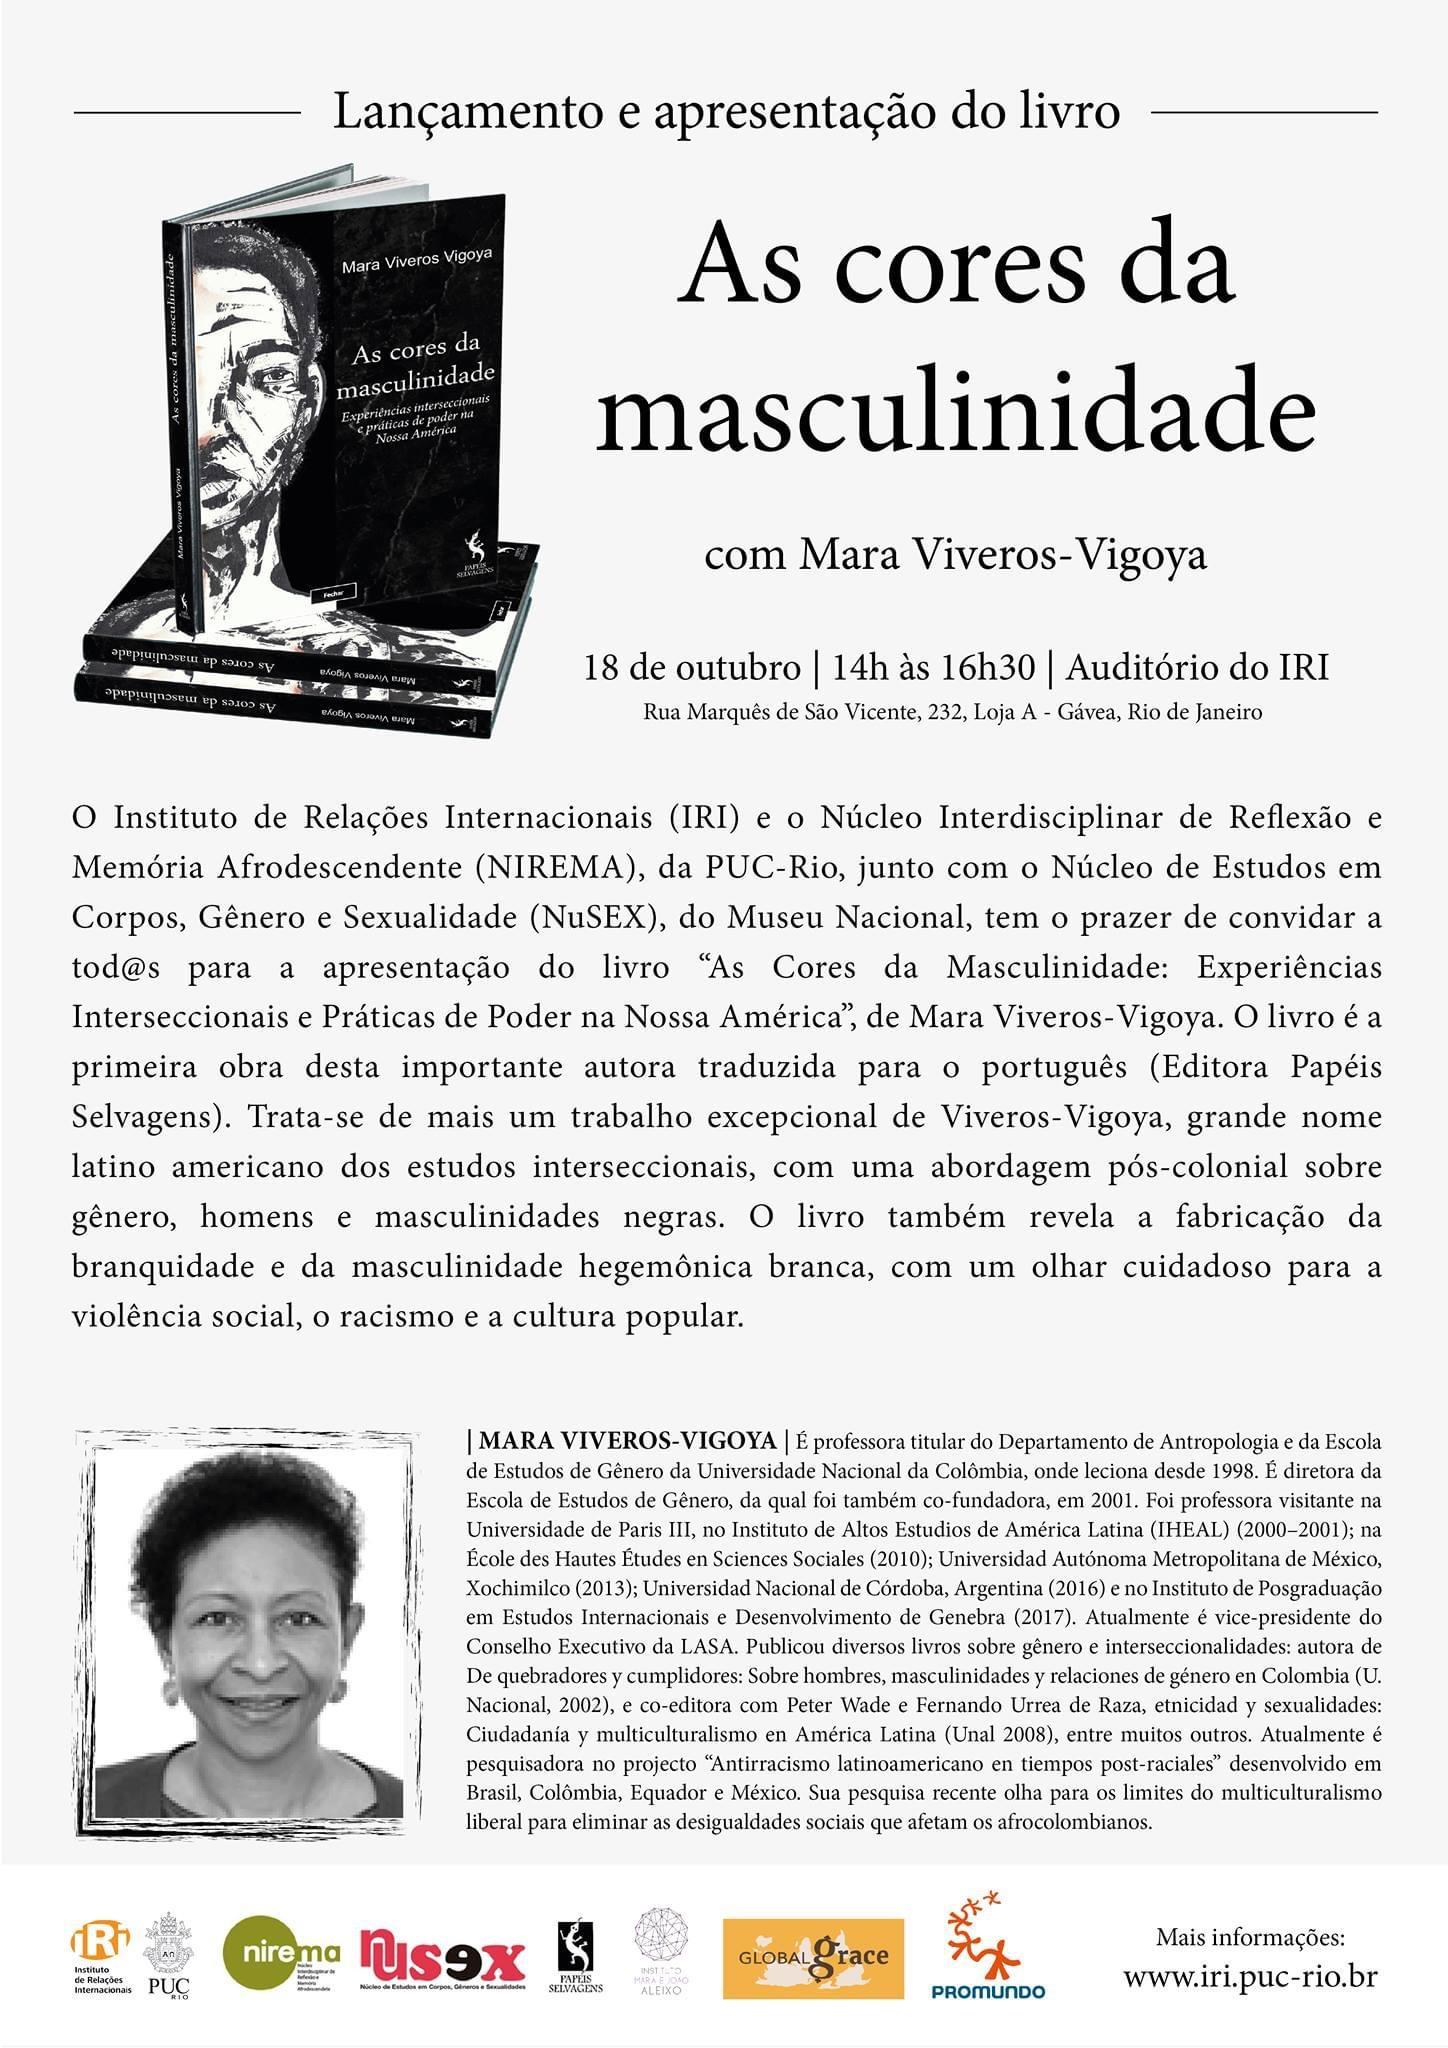 """Lançamento do Livro """"As Cores da Masculinidade"""", de Mara Viveros-Vigoya"""